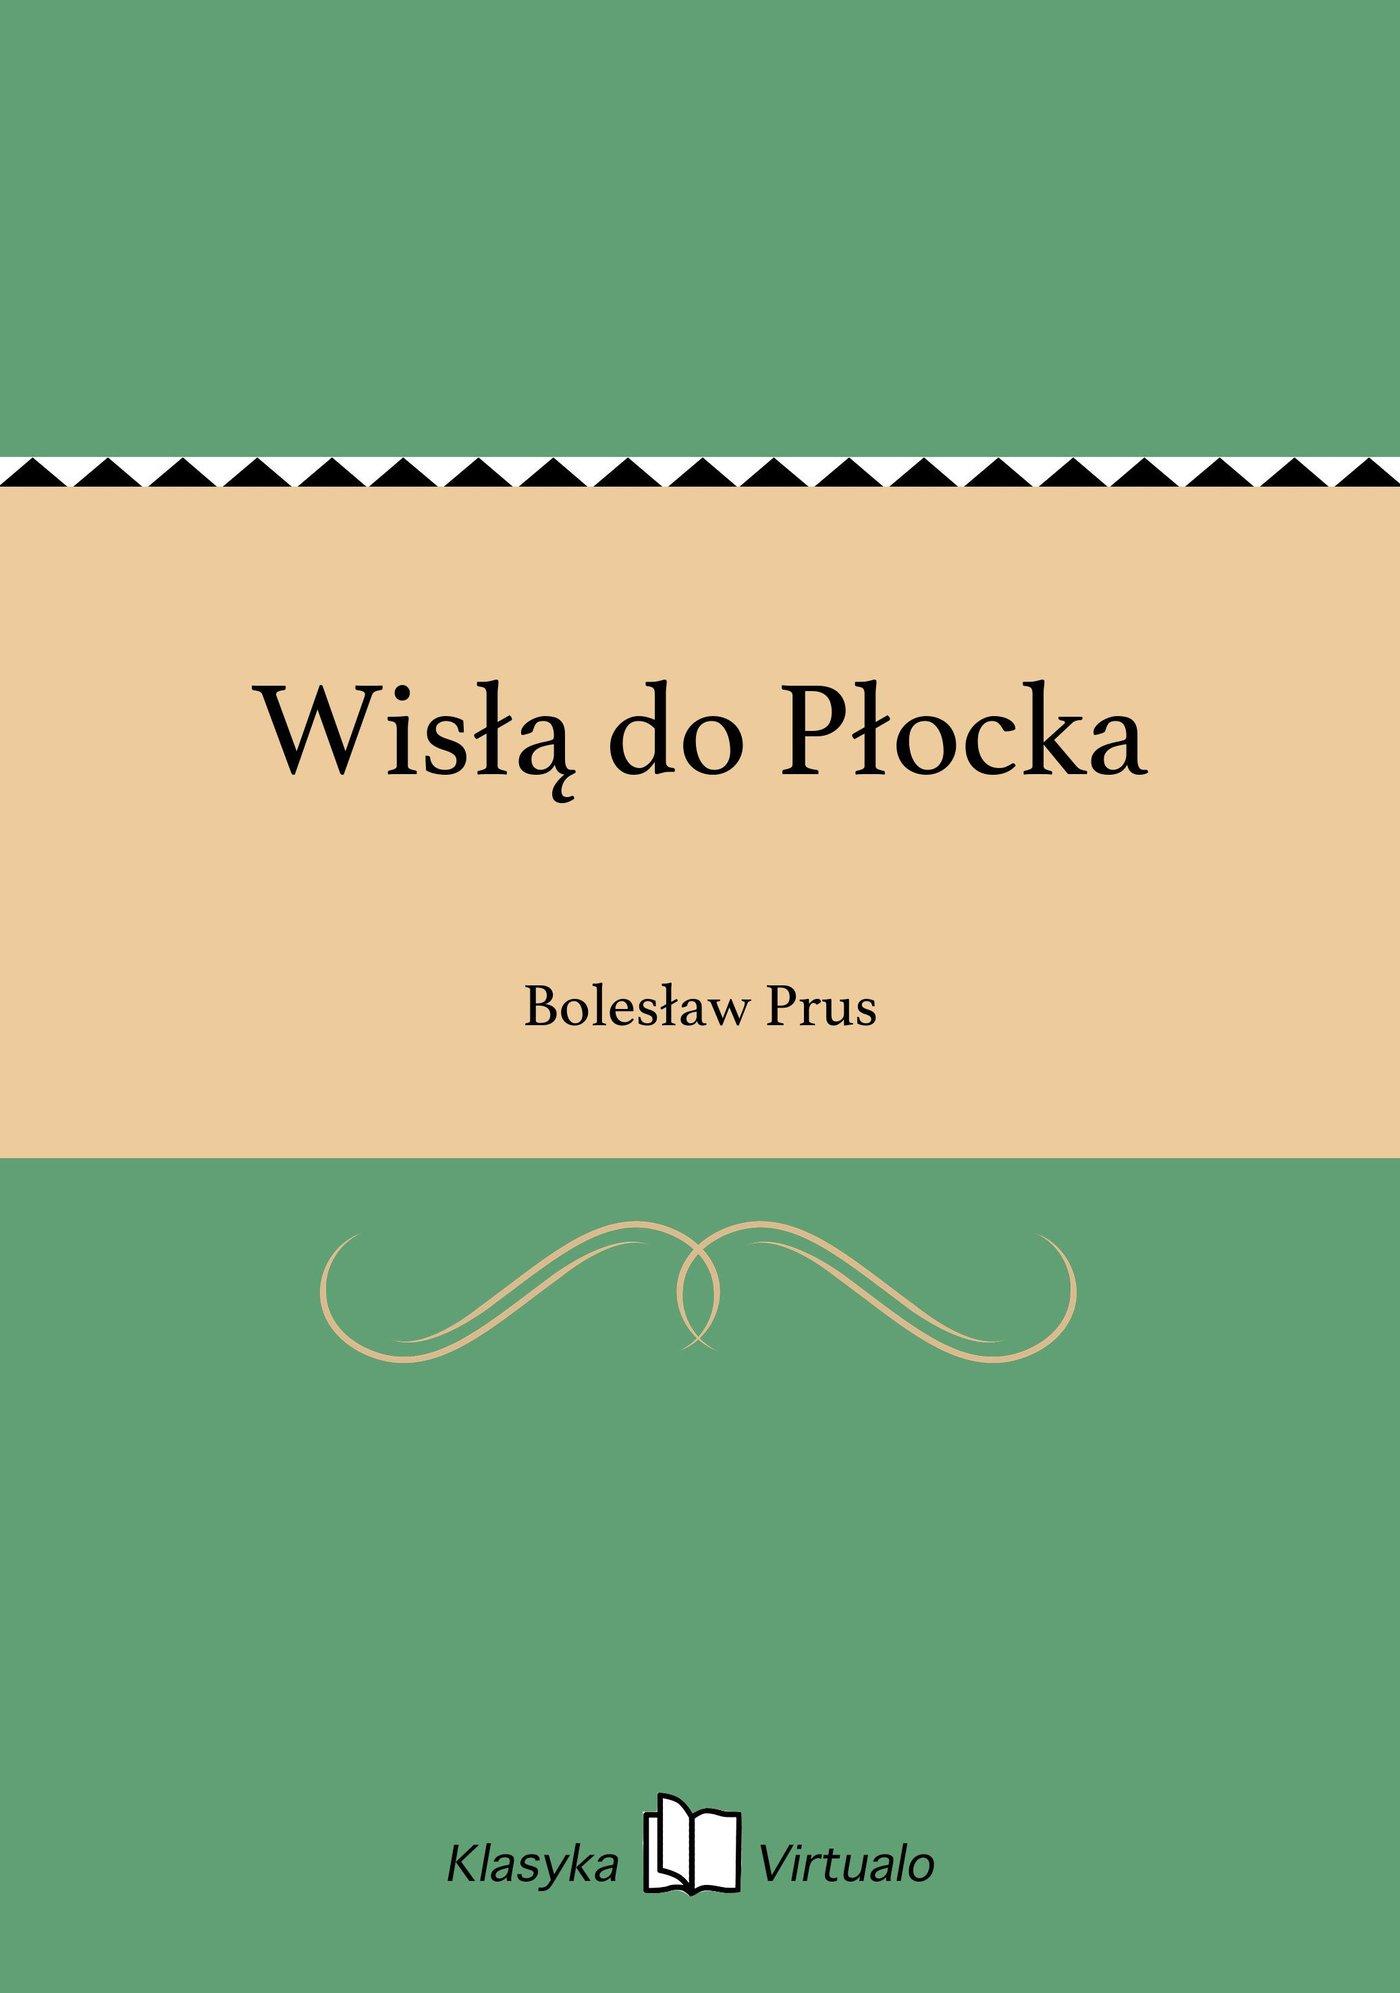 Wisłą do Płocka - Ebook (Książka EPUB) do pobrania w formacie EPUB